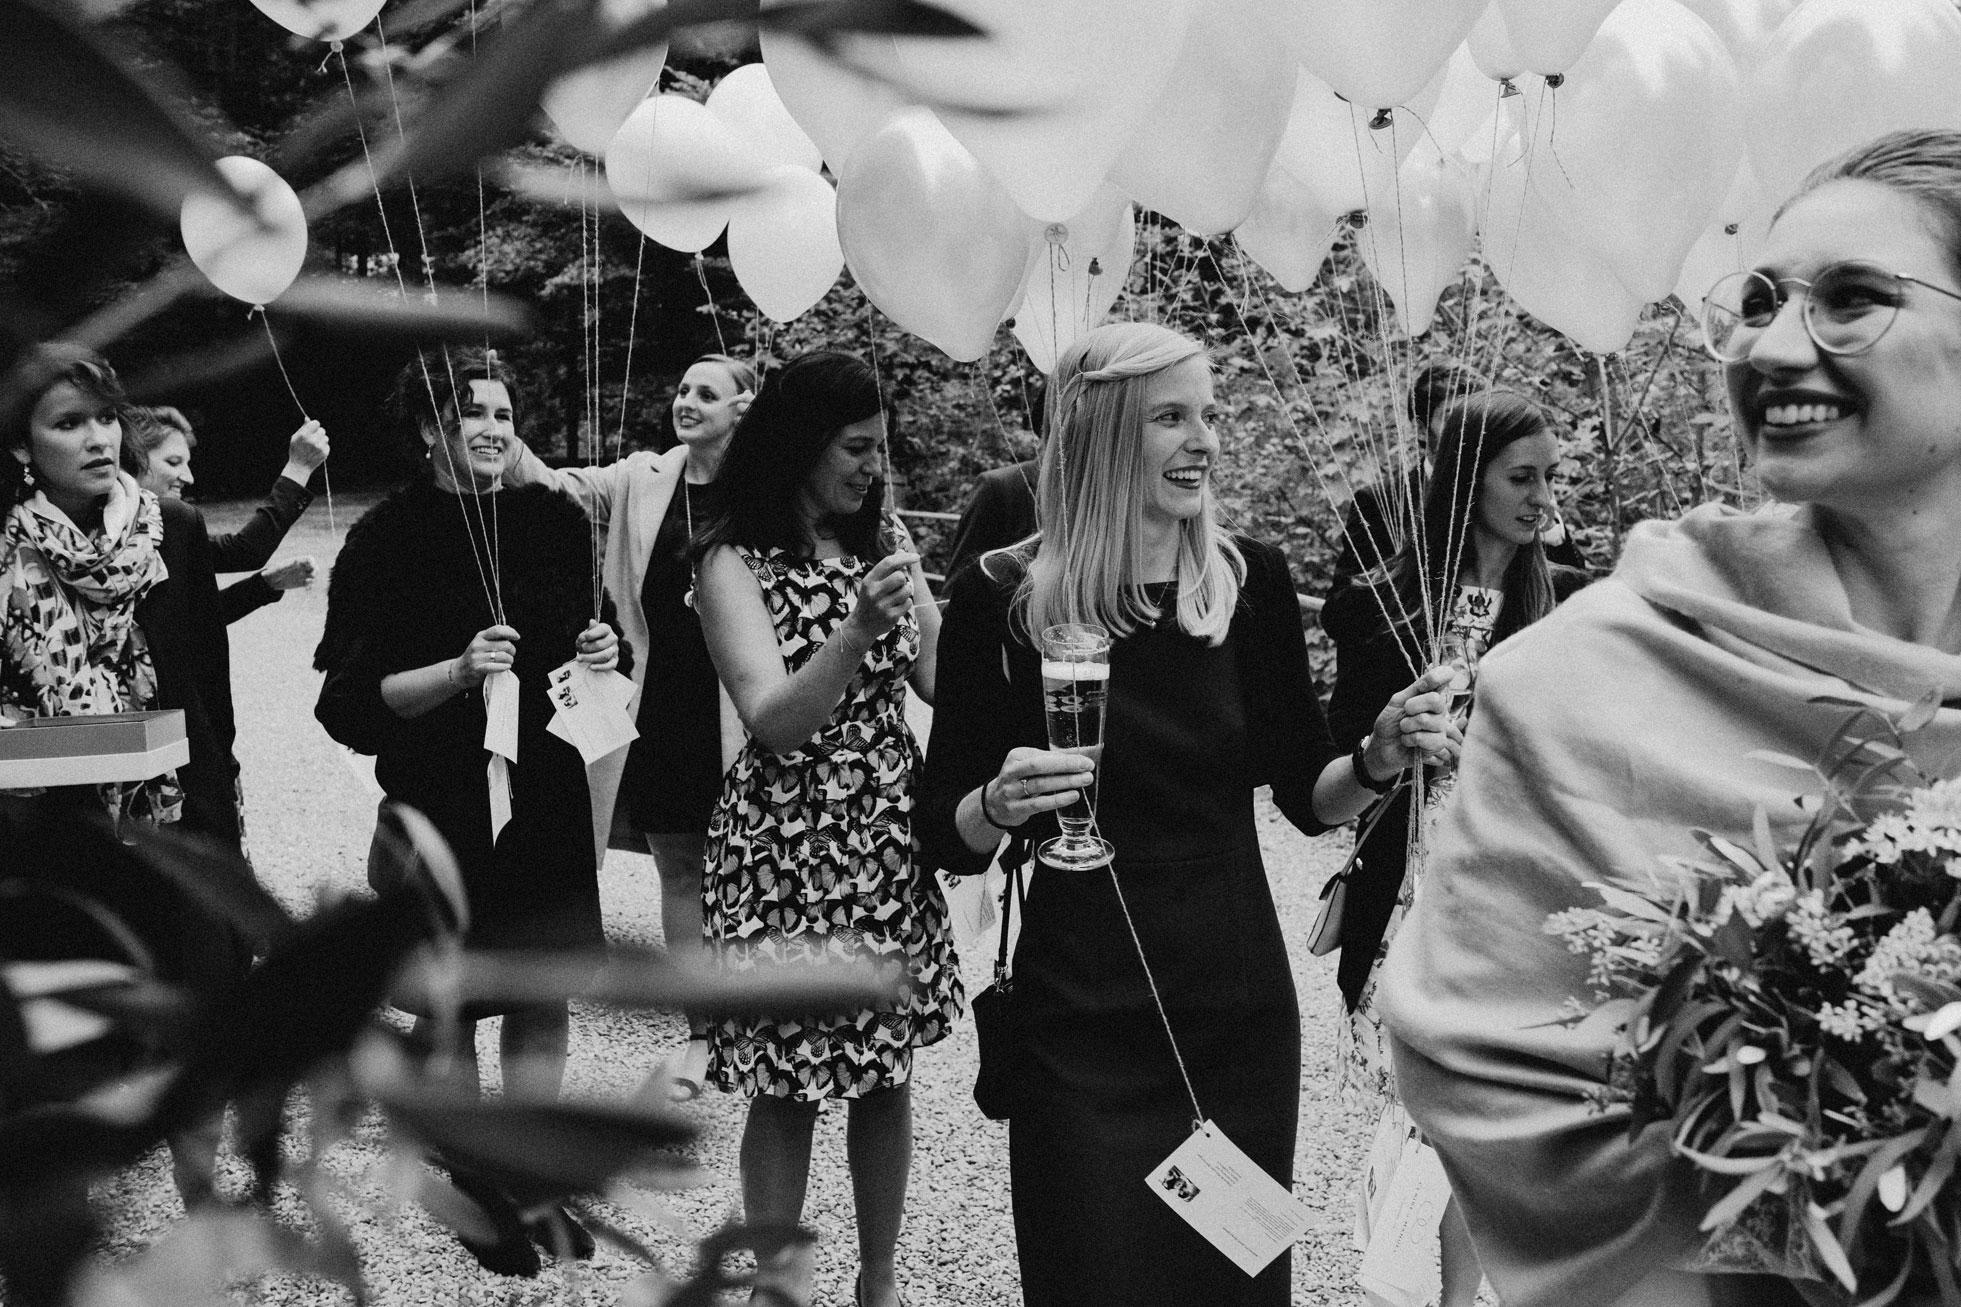 Hochzeit_Claire_Manuel_Villa_Maund_Daniel_Jenny-422.jpg